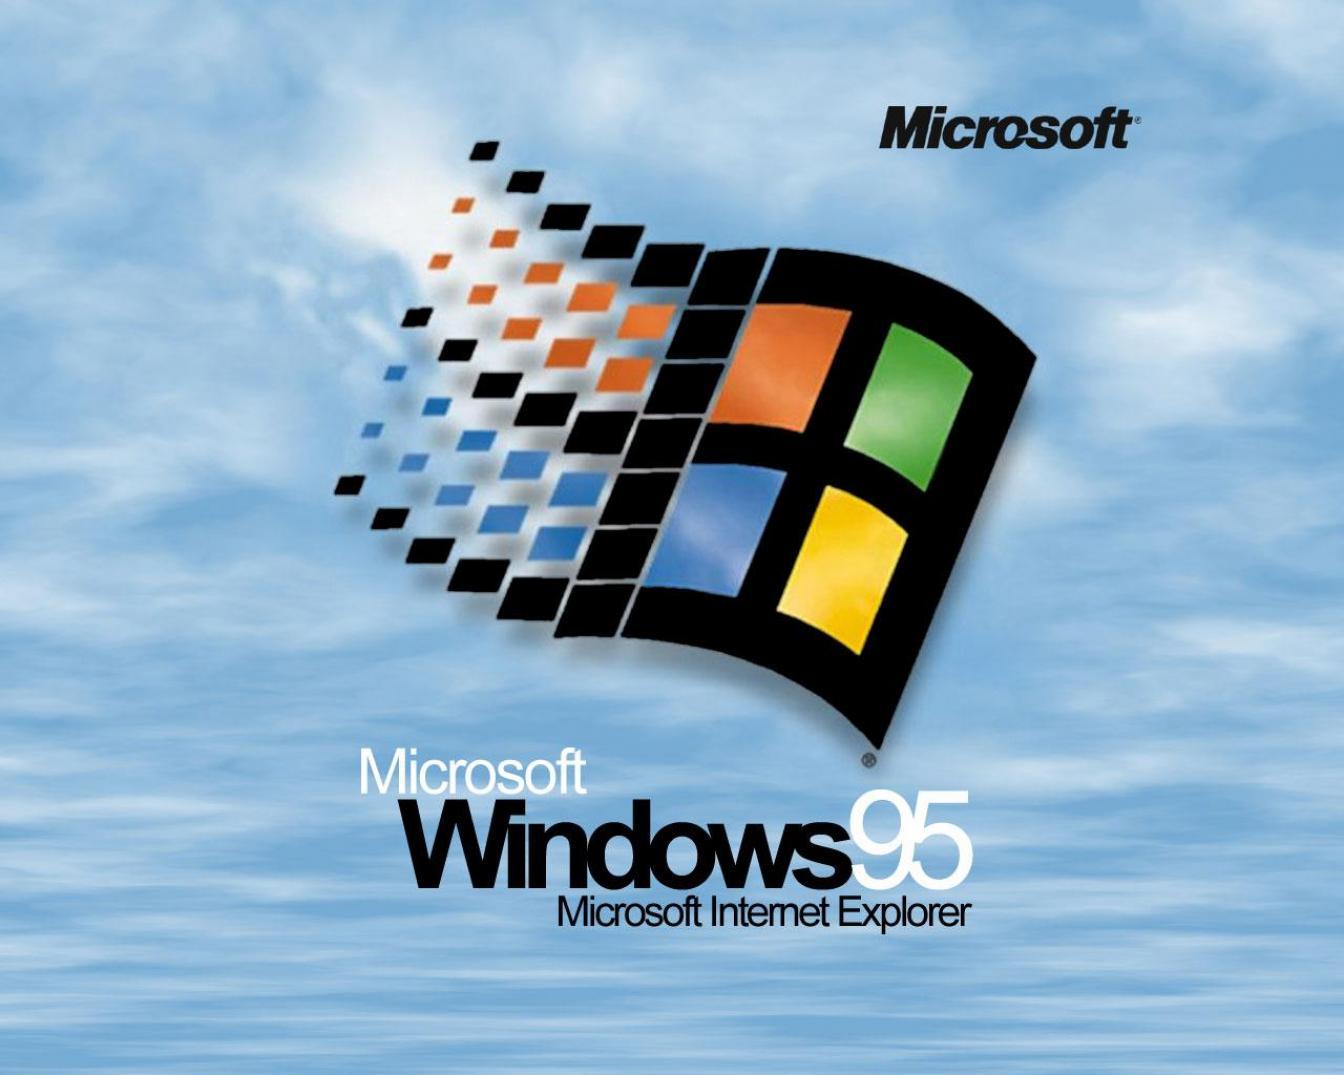 19 лет назад была выпущена операционная Windows 95. - Изображение 1